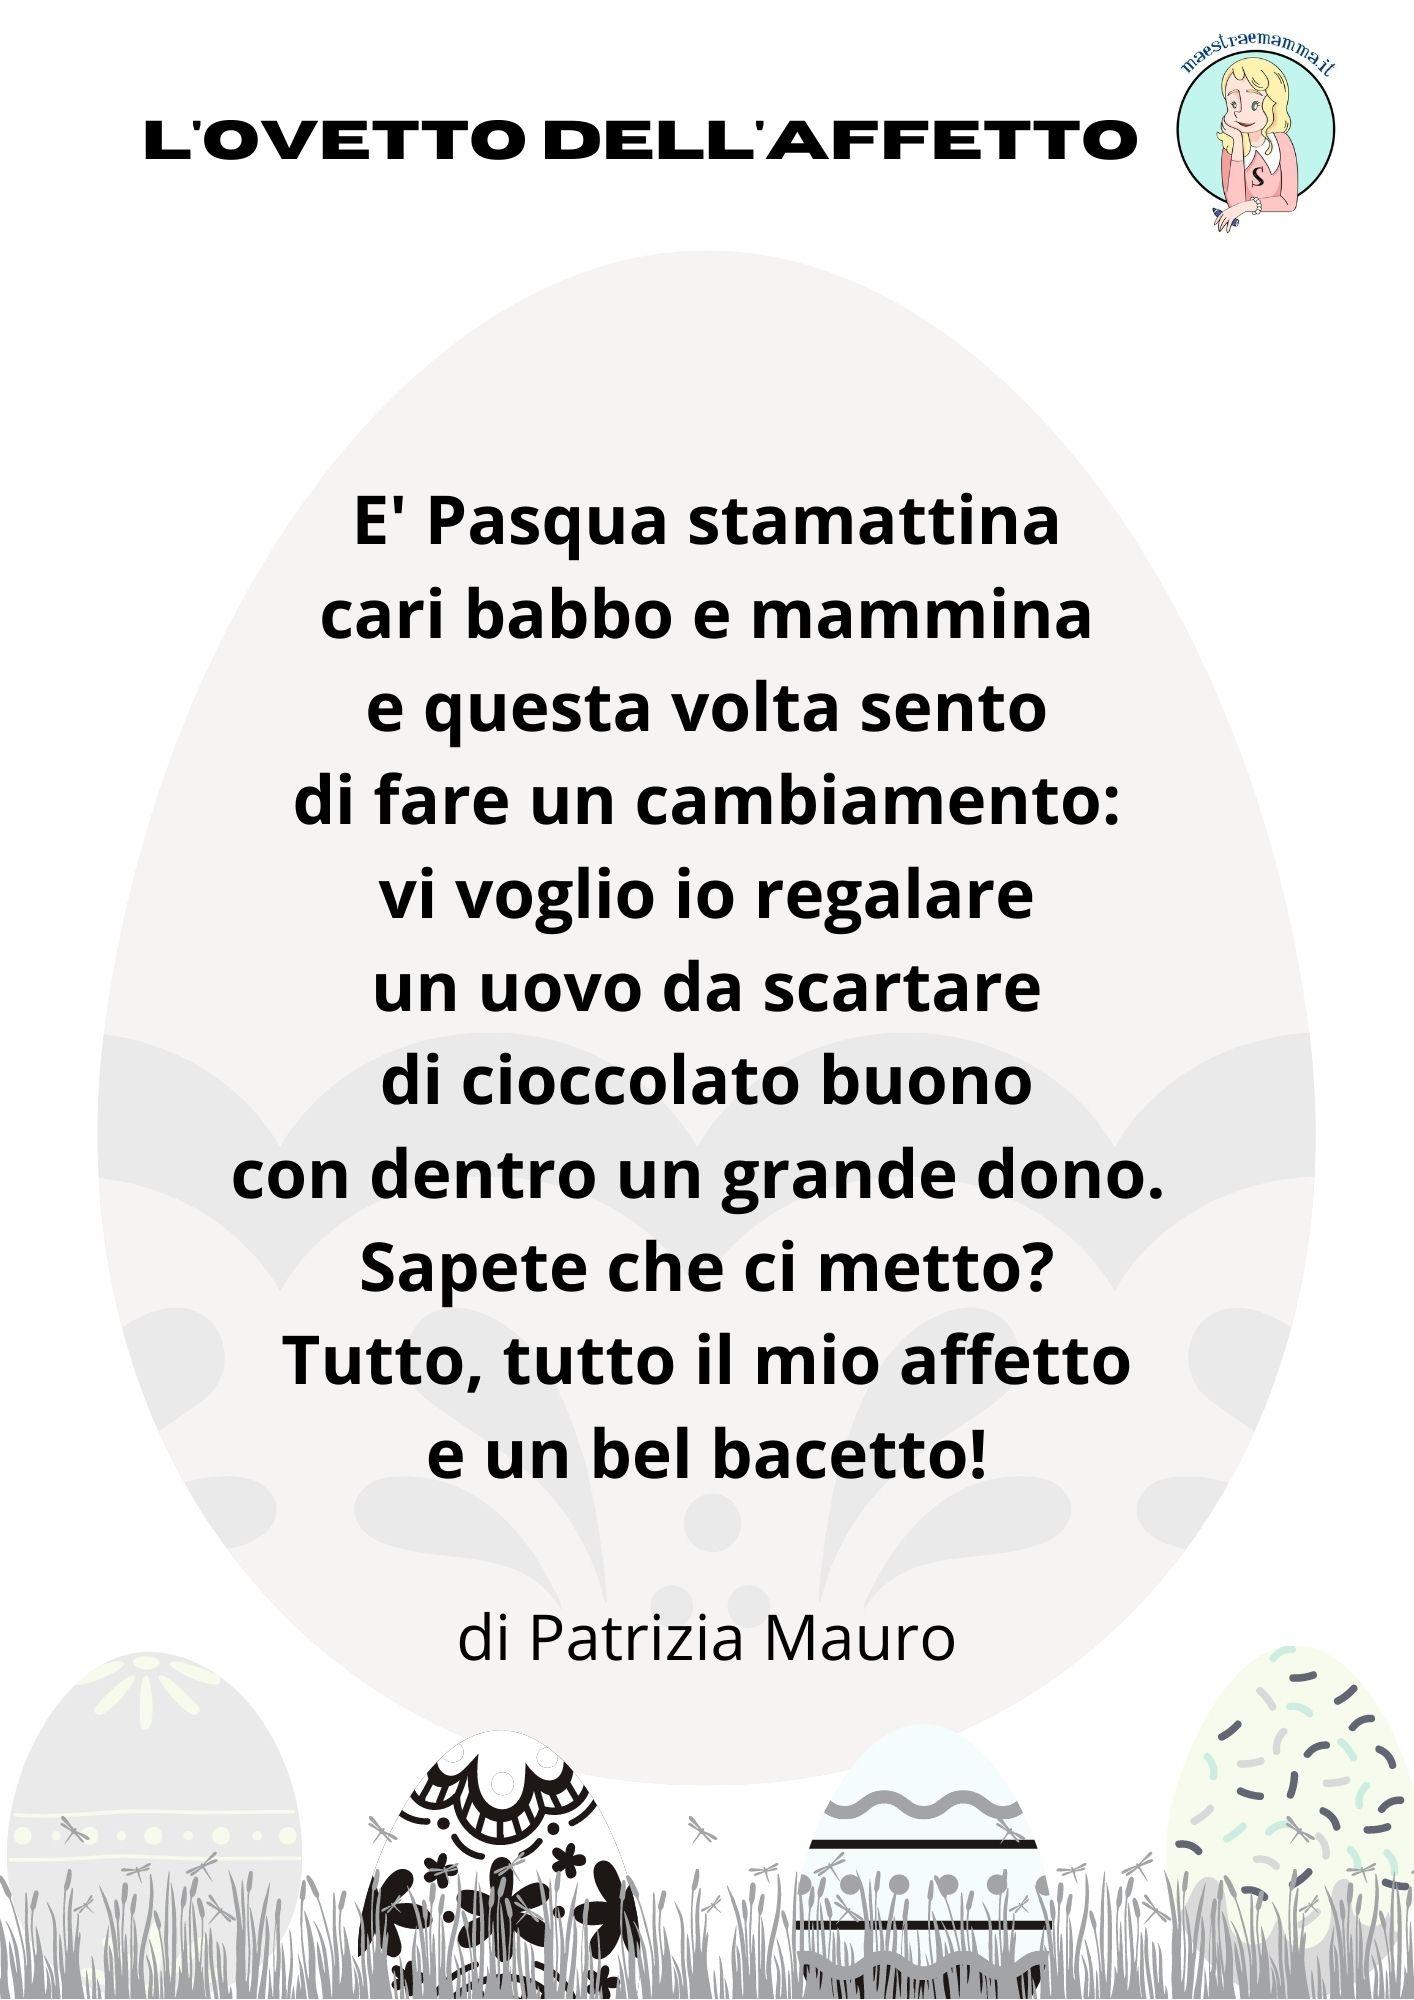 poesia-pasqua-l-ovetto-dell-affetto-patrizia-mauro